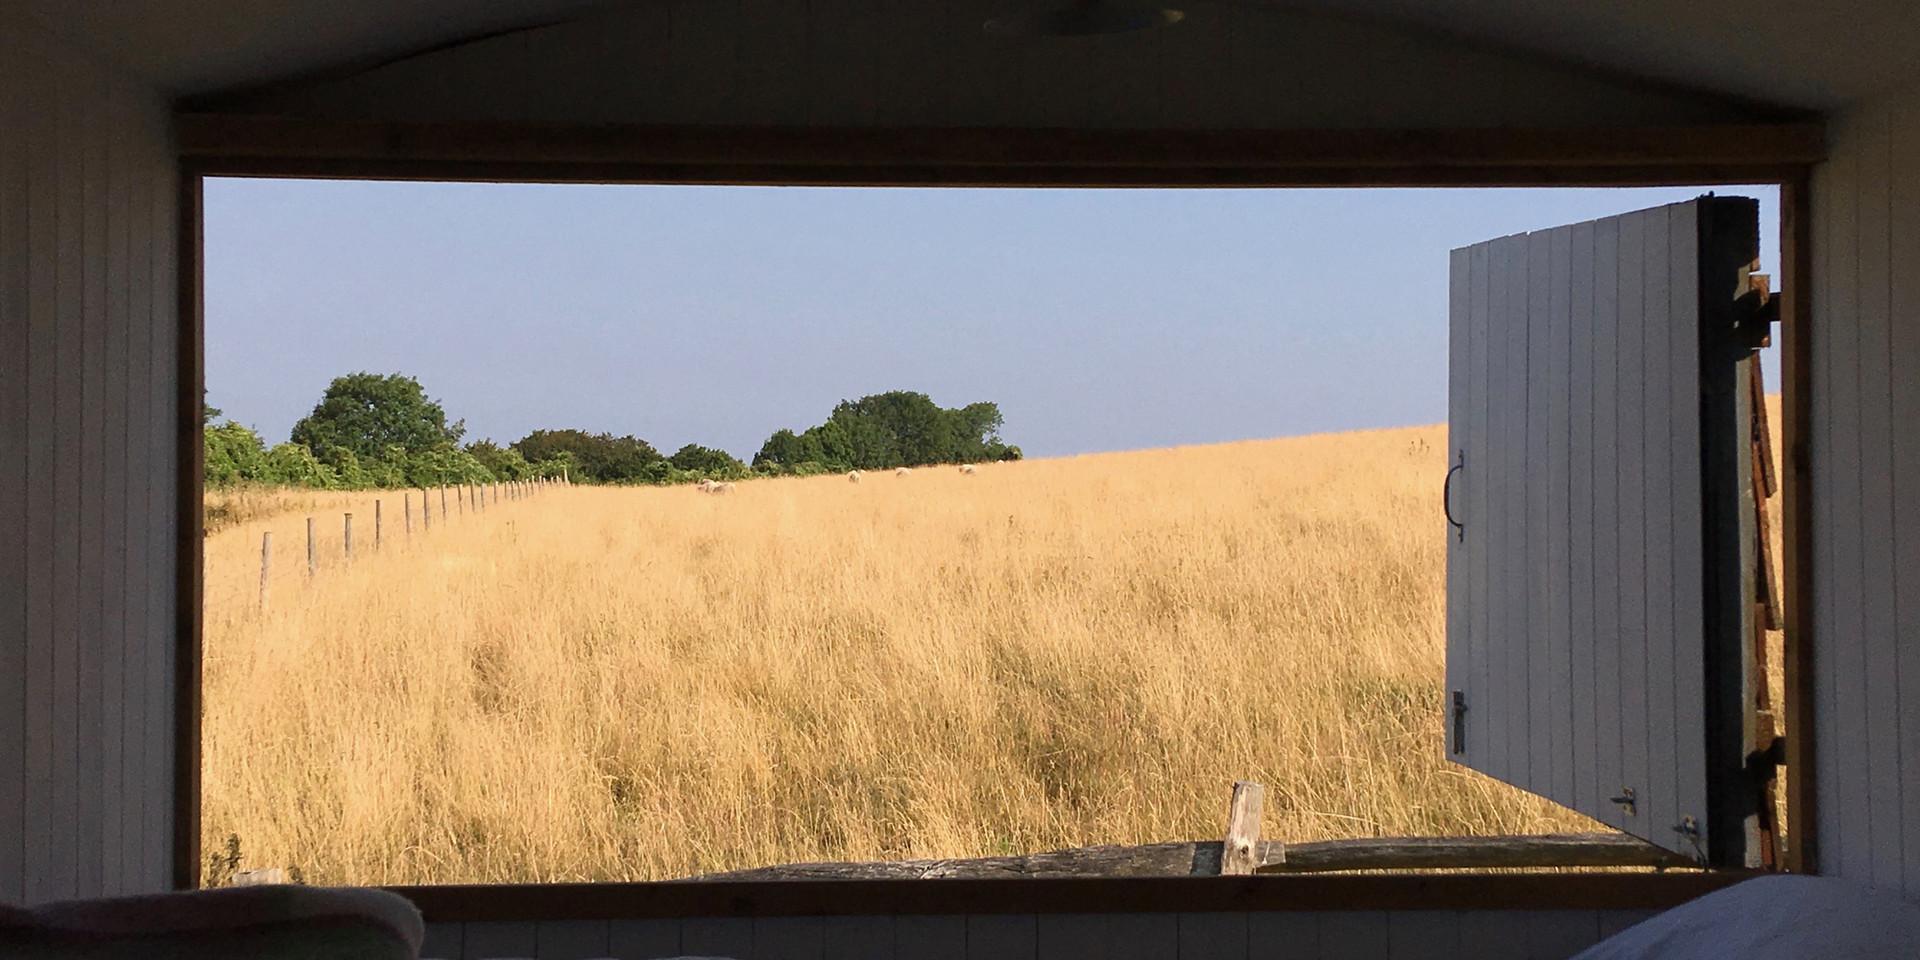 View like a postcard